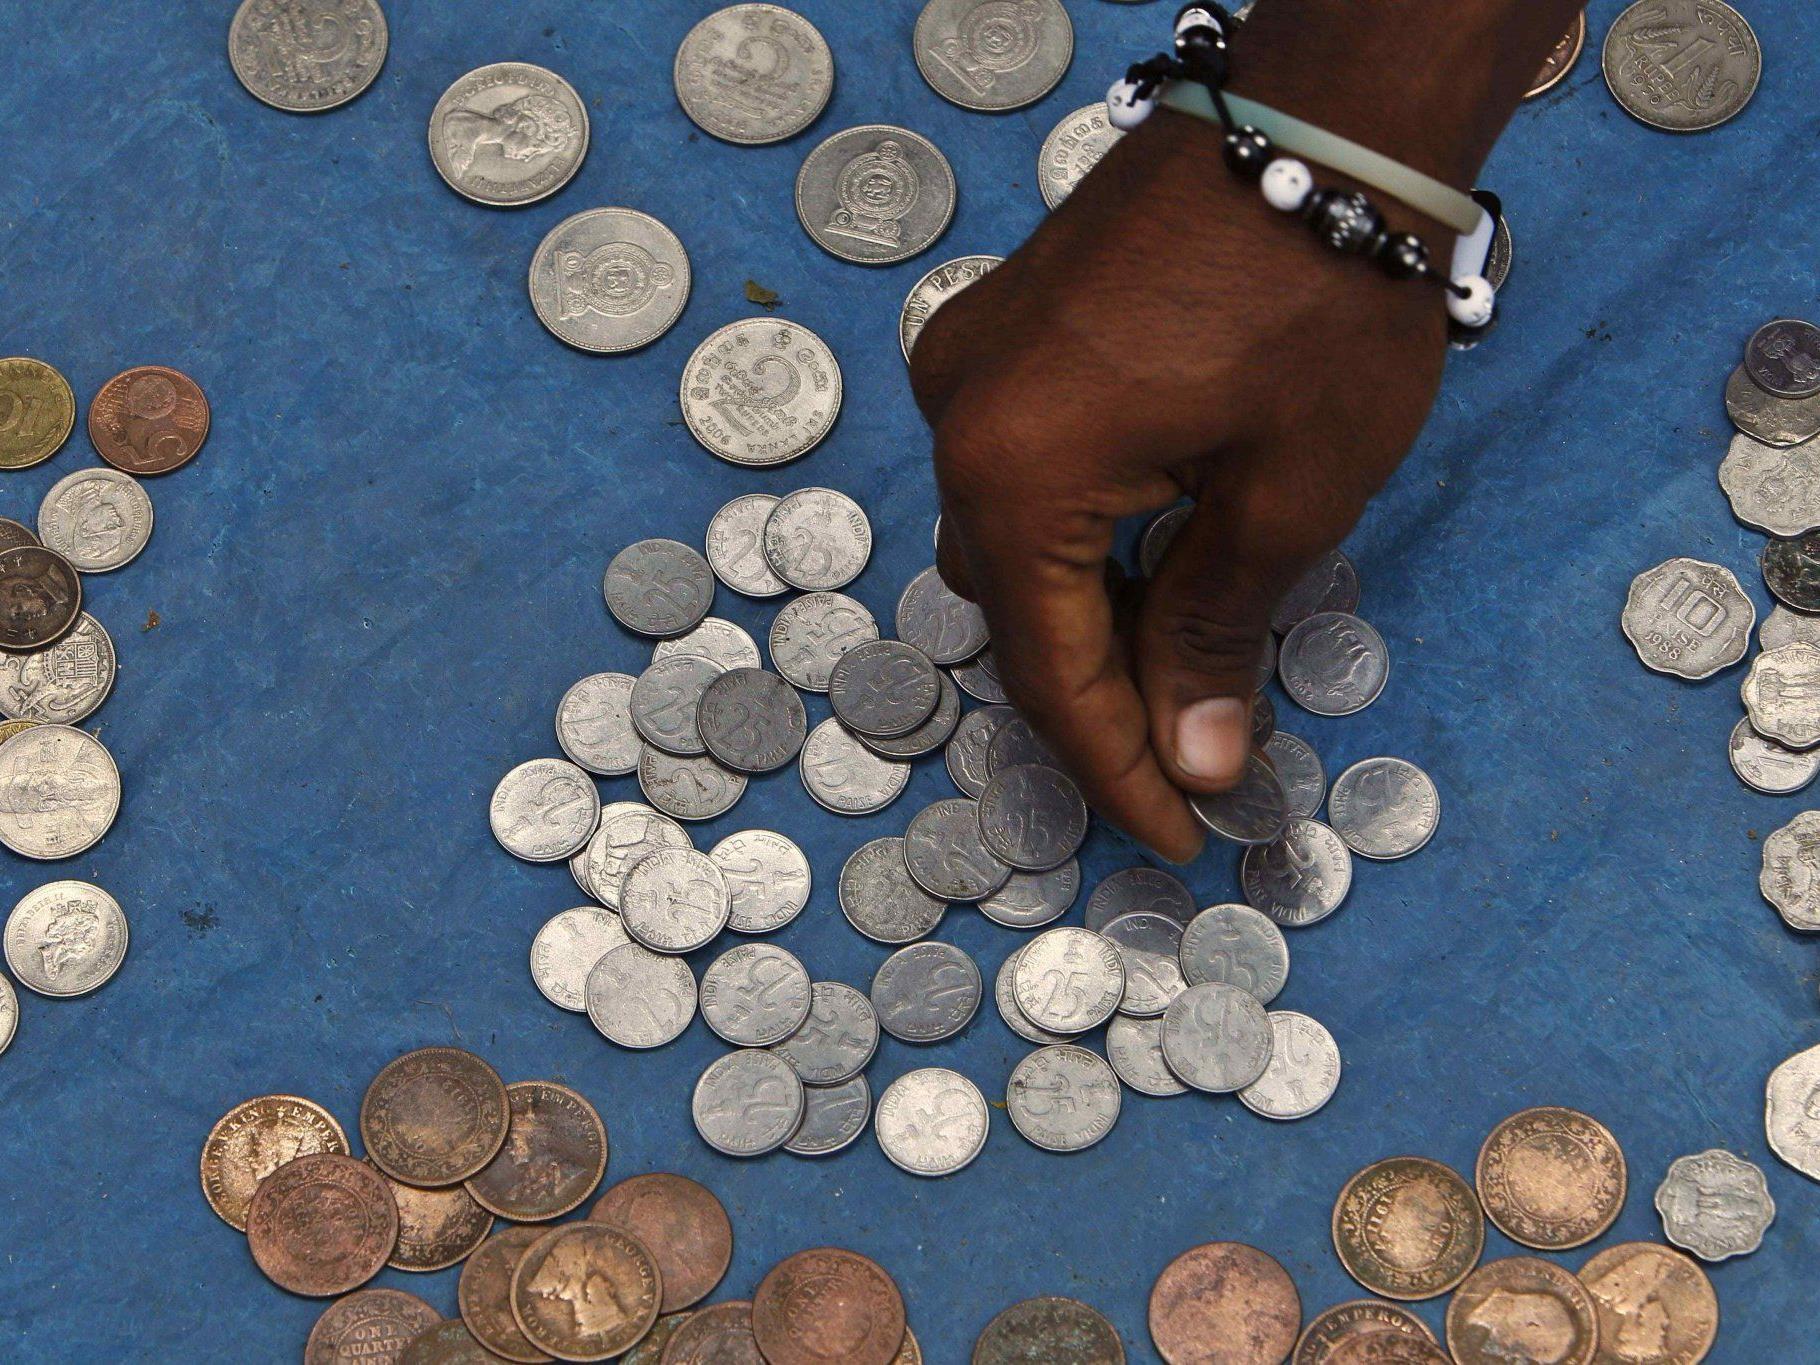 496 Milliarden Rupien fand ein Inder auf seinem Konto.